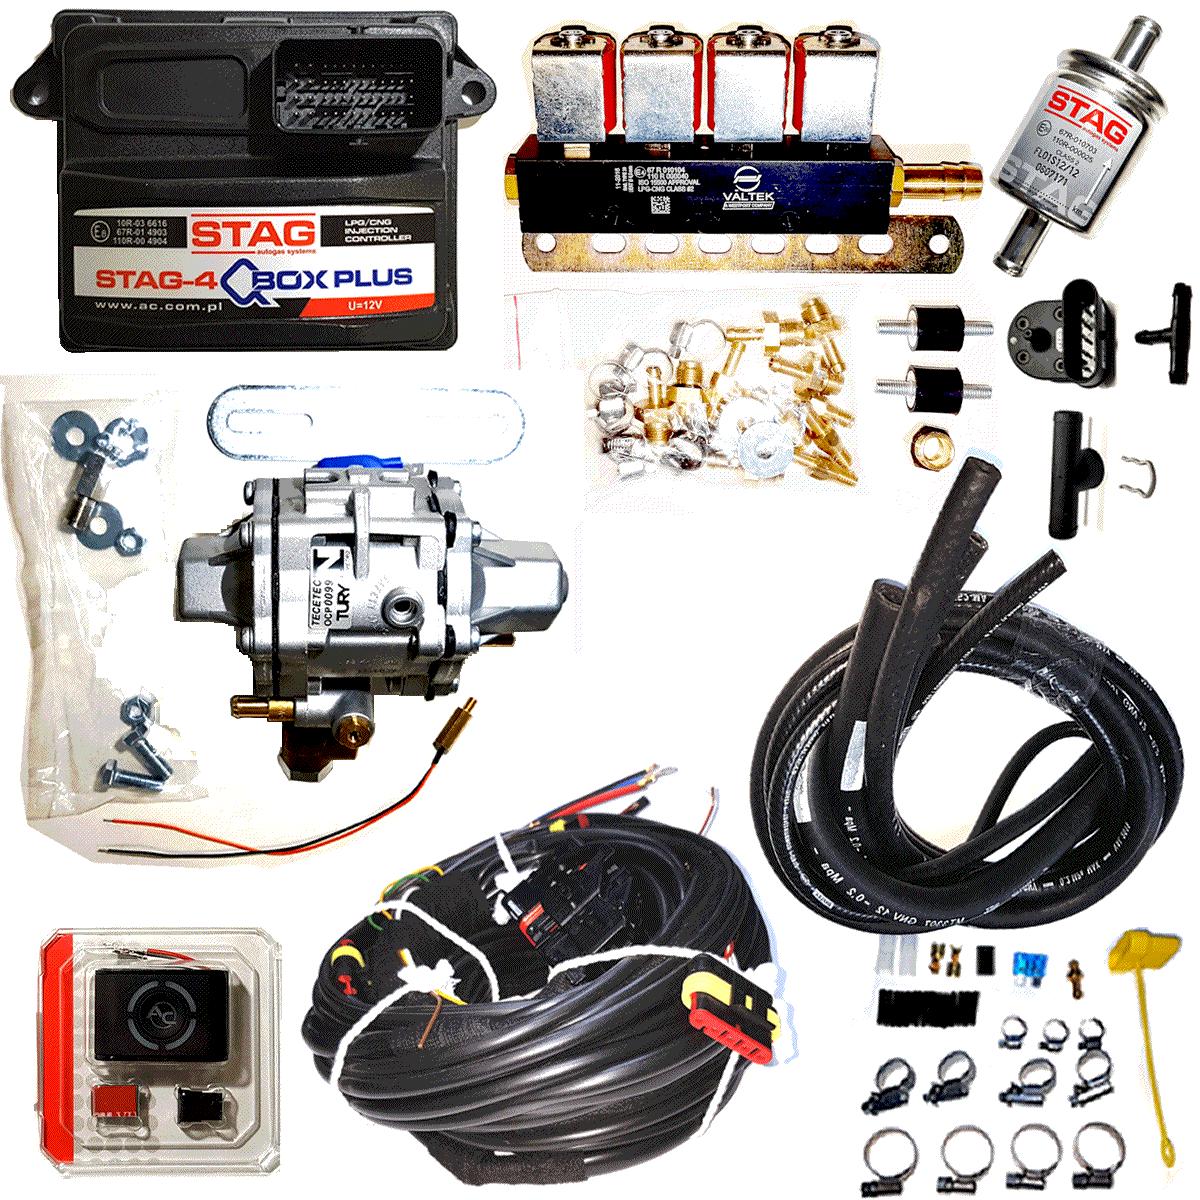 Kit Stag Qbox Plus 5ª Geração 4 cilindros c/OBD Minuterias Variador e Válvulas